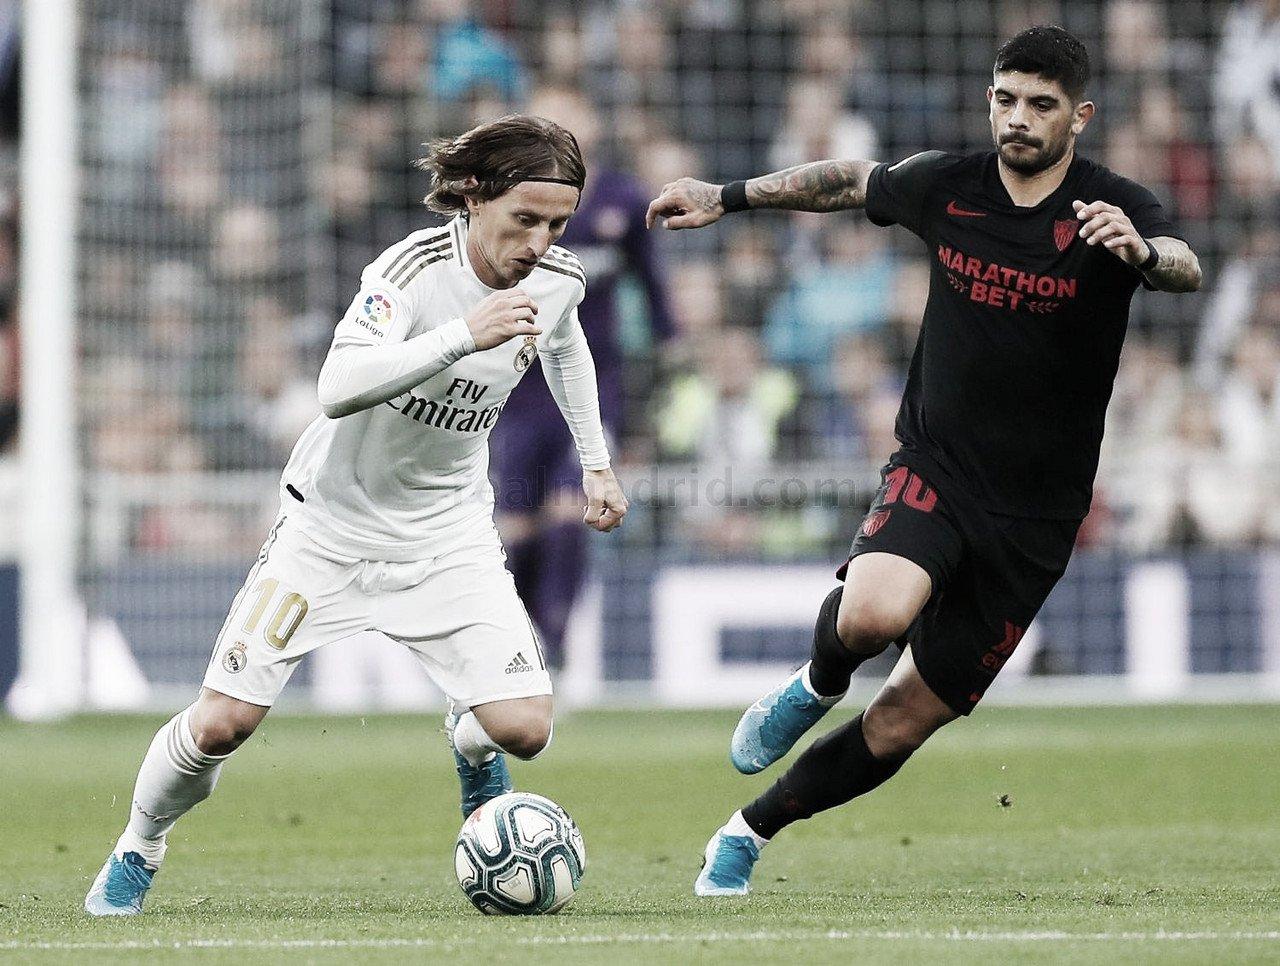 El Real Madrid recibe al Sevilla sin Ramos ni Mendy